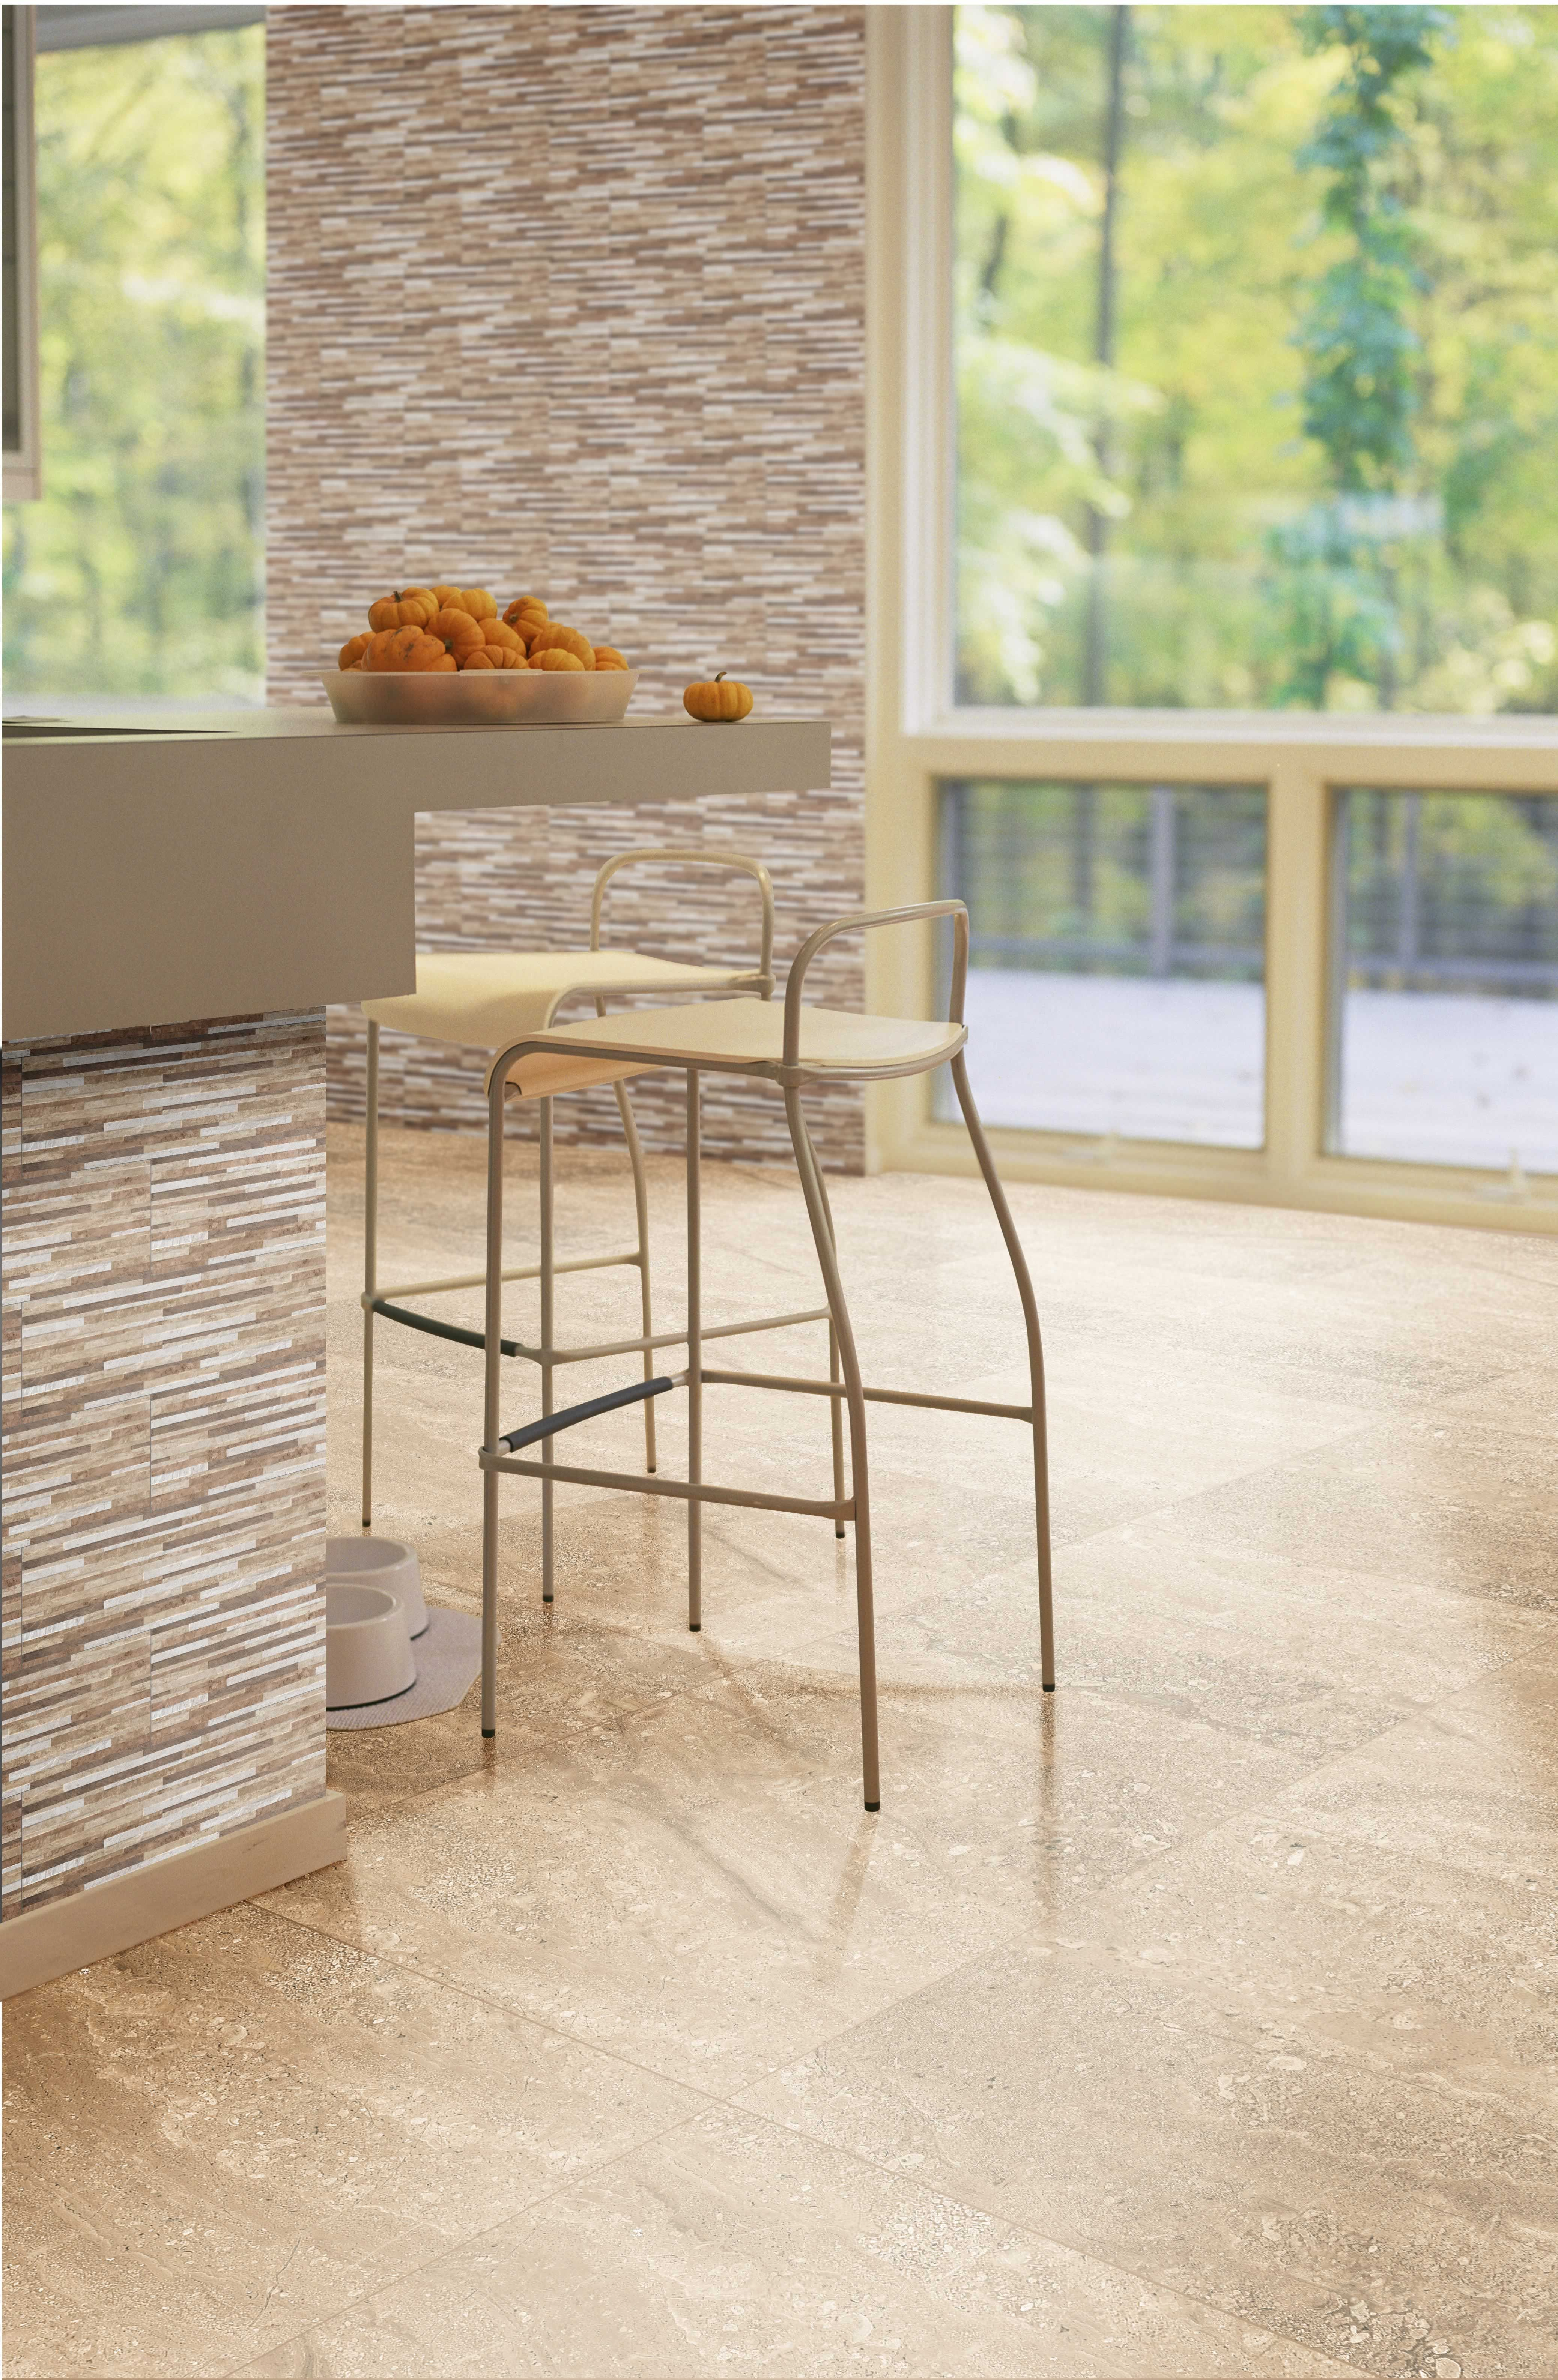 Espacios limpios frescos y modernos combiando pisos y for Pisos para cocheras y patios